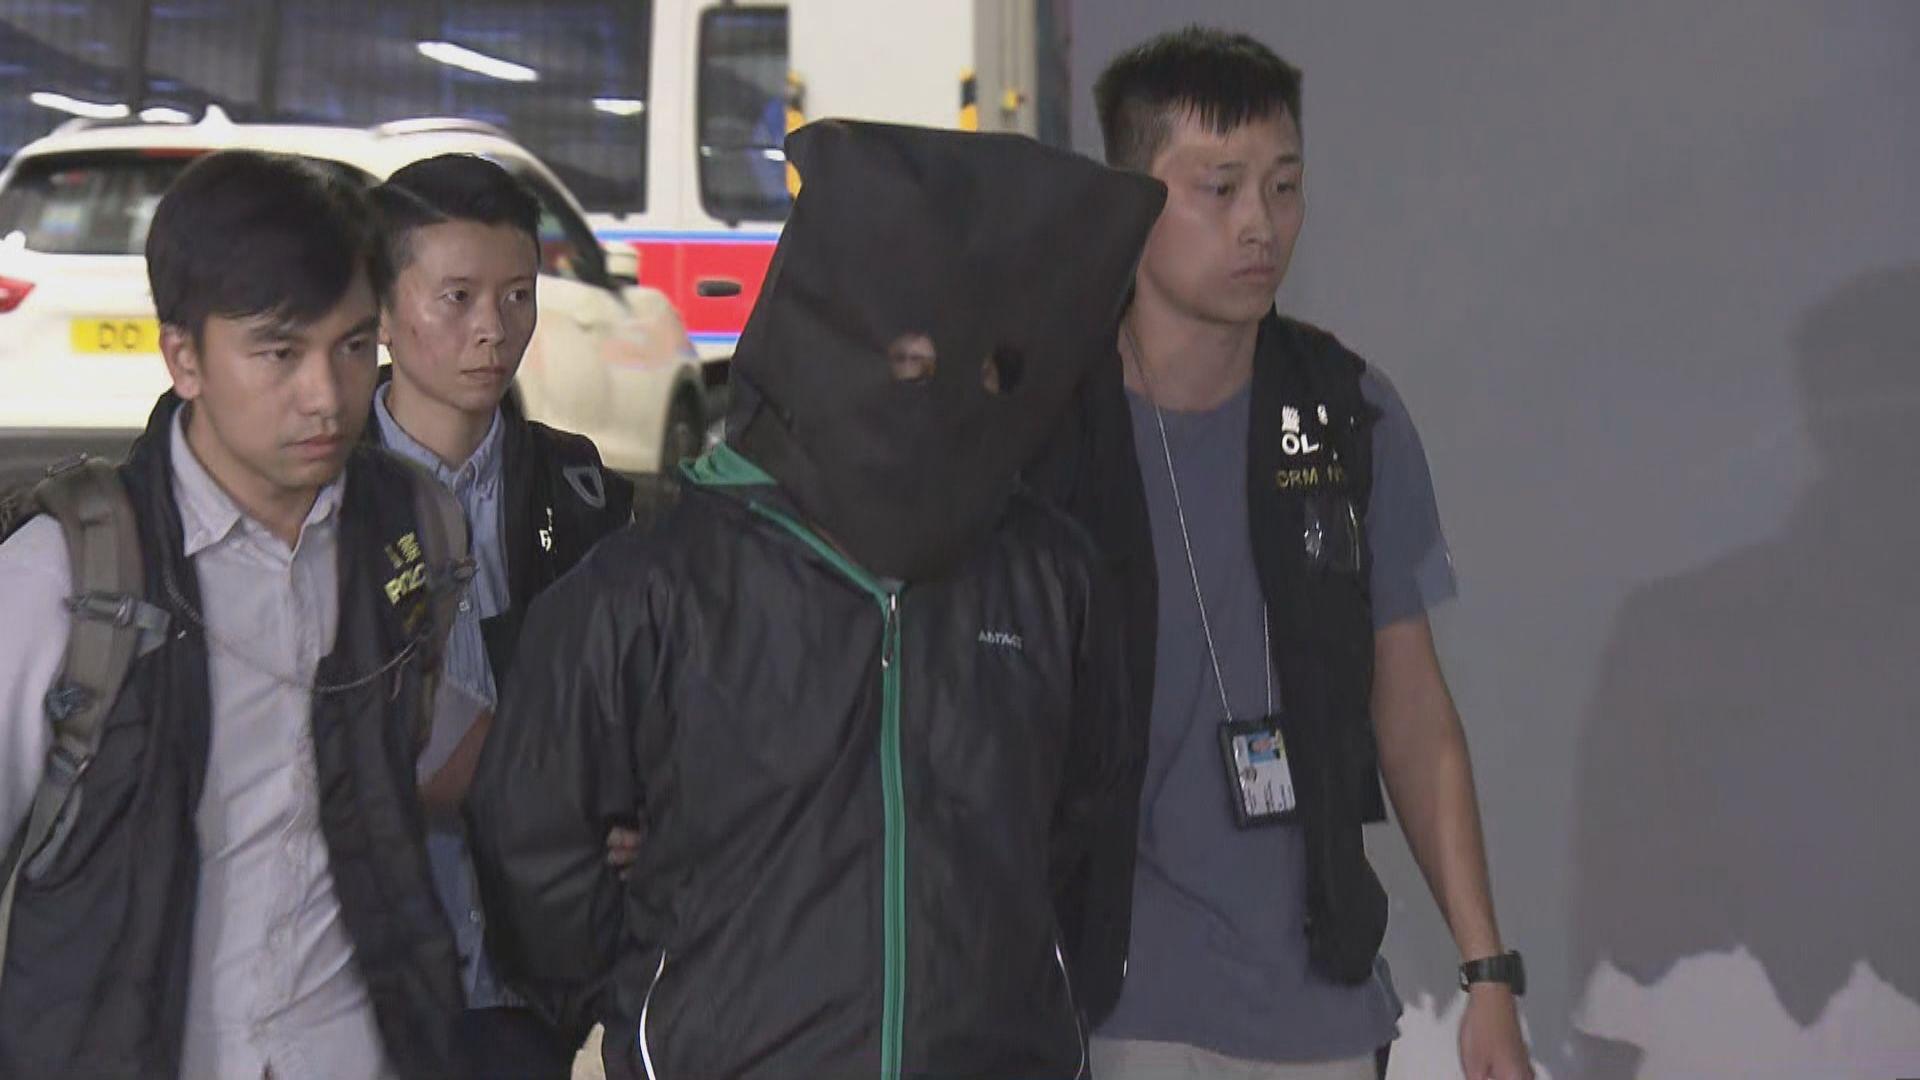 【元朗襲擊】消息:警方再拘捕五名男子